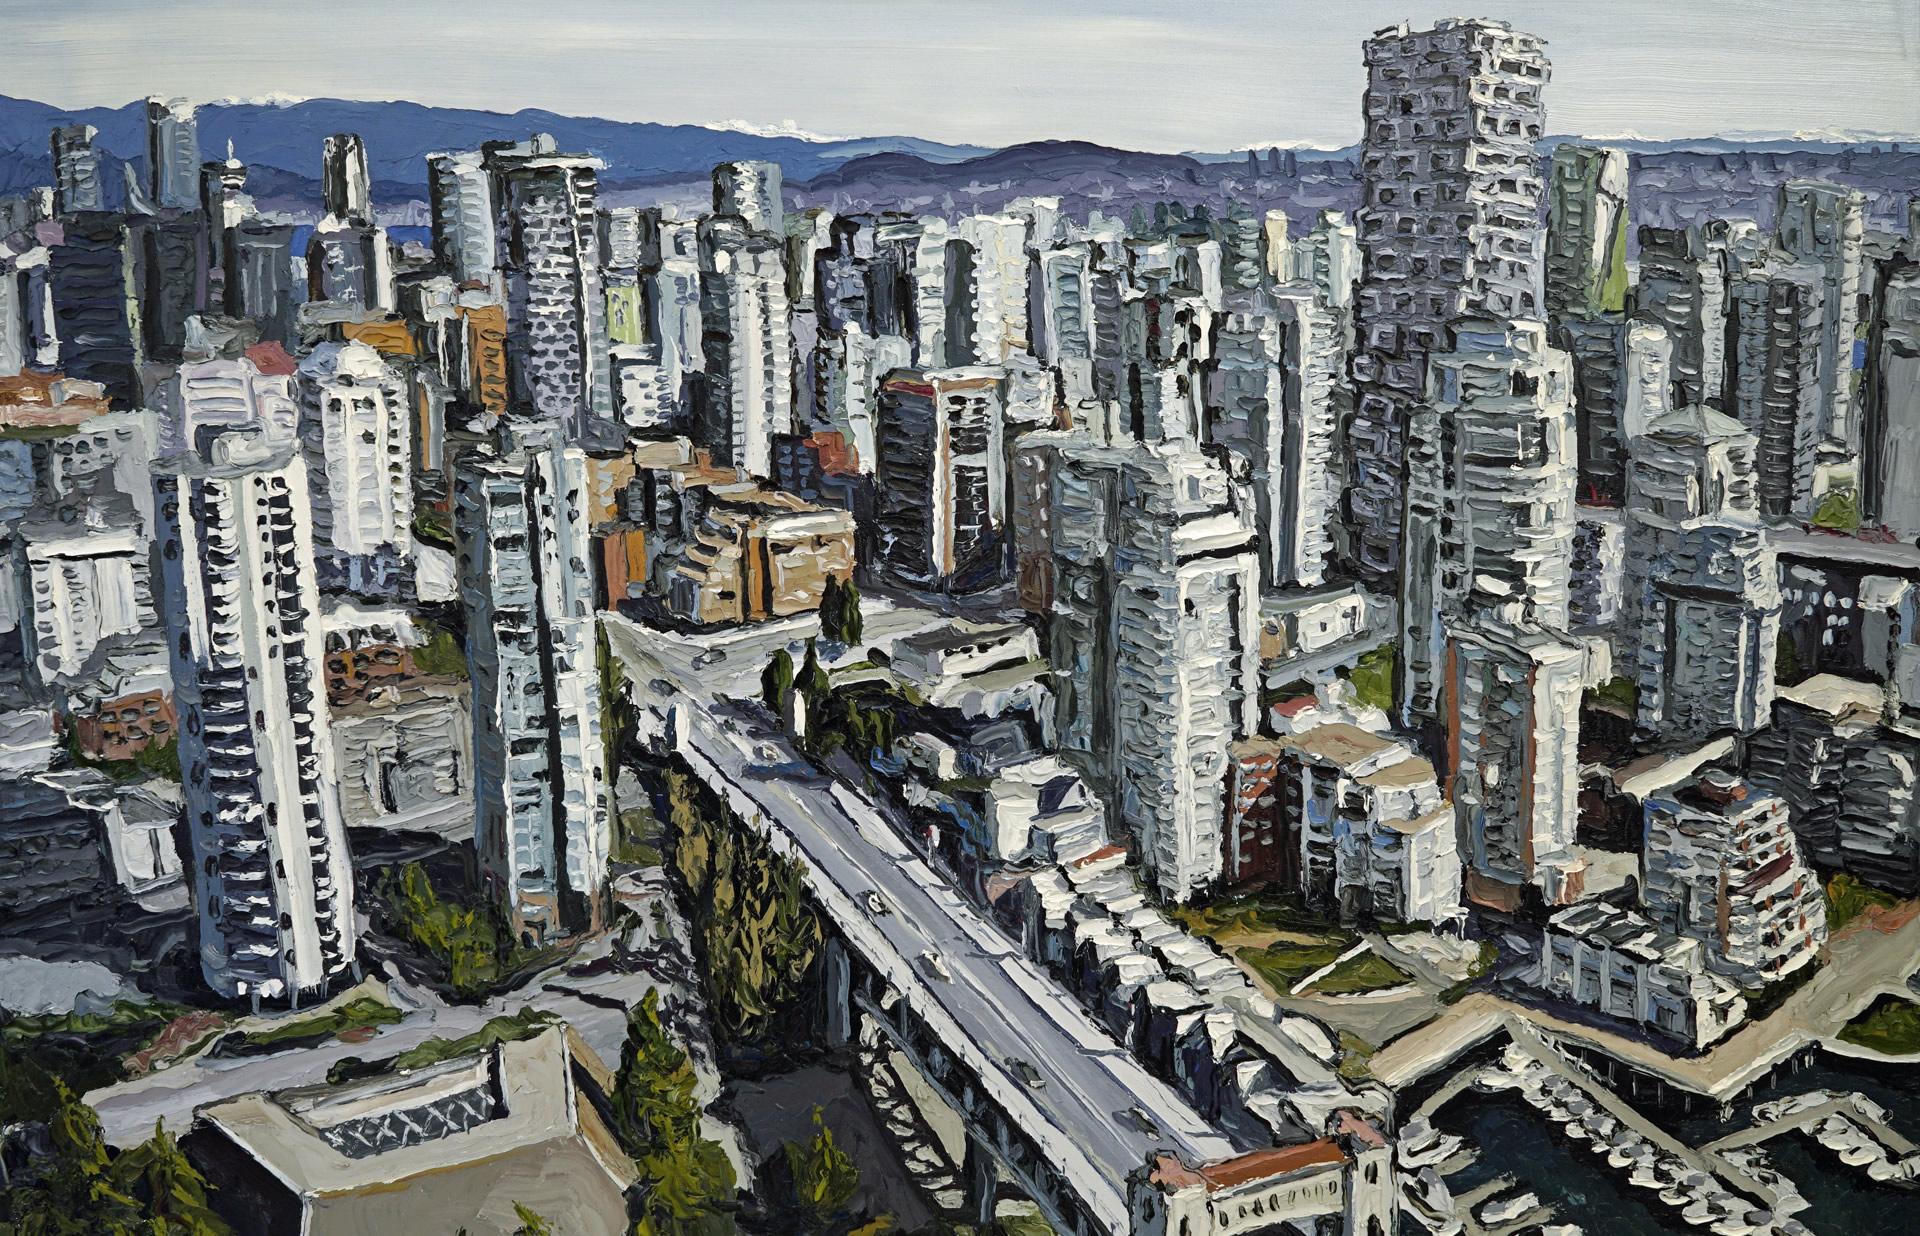 Mike-Fantuz-The-Bridge-Between-36x48-Online-Art-Galleries